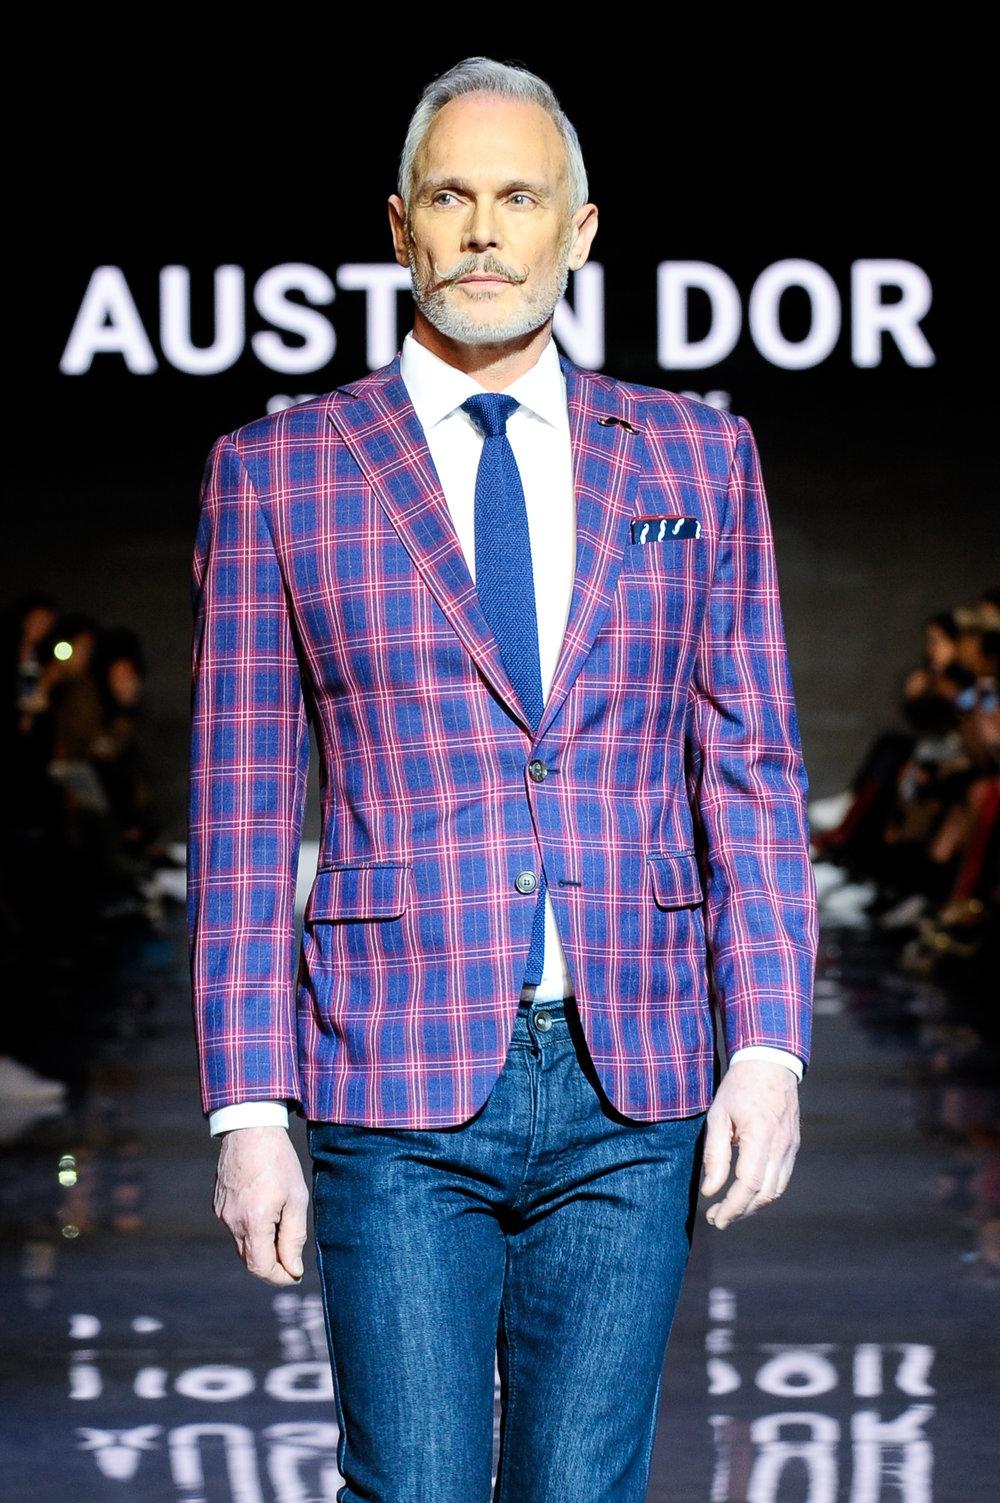 Austen Dor